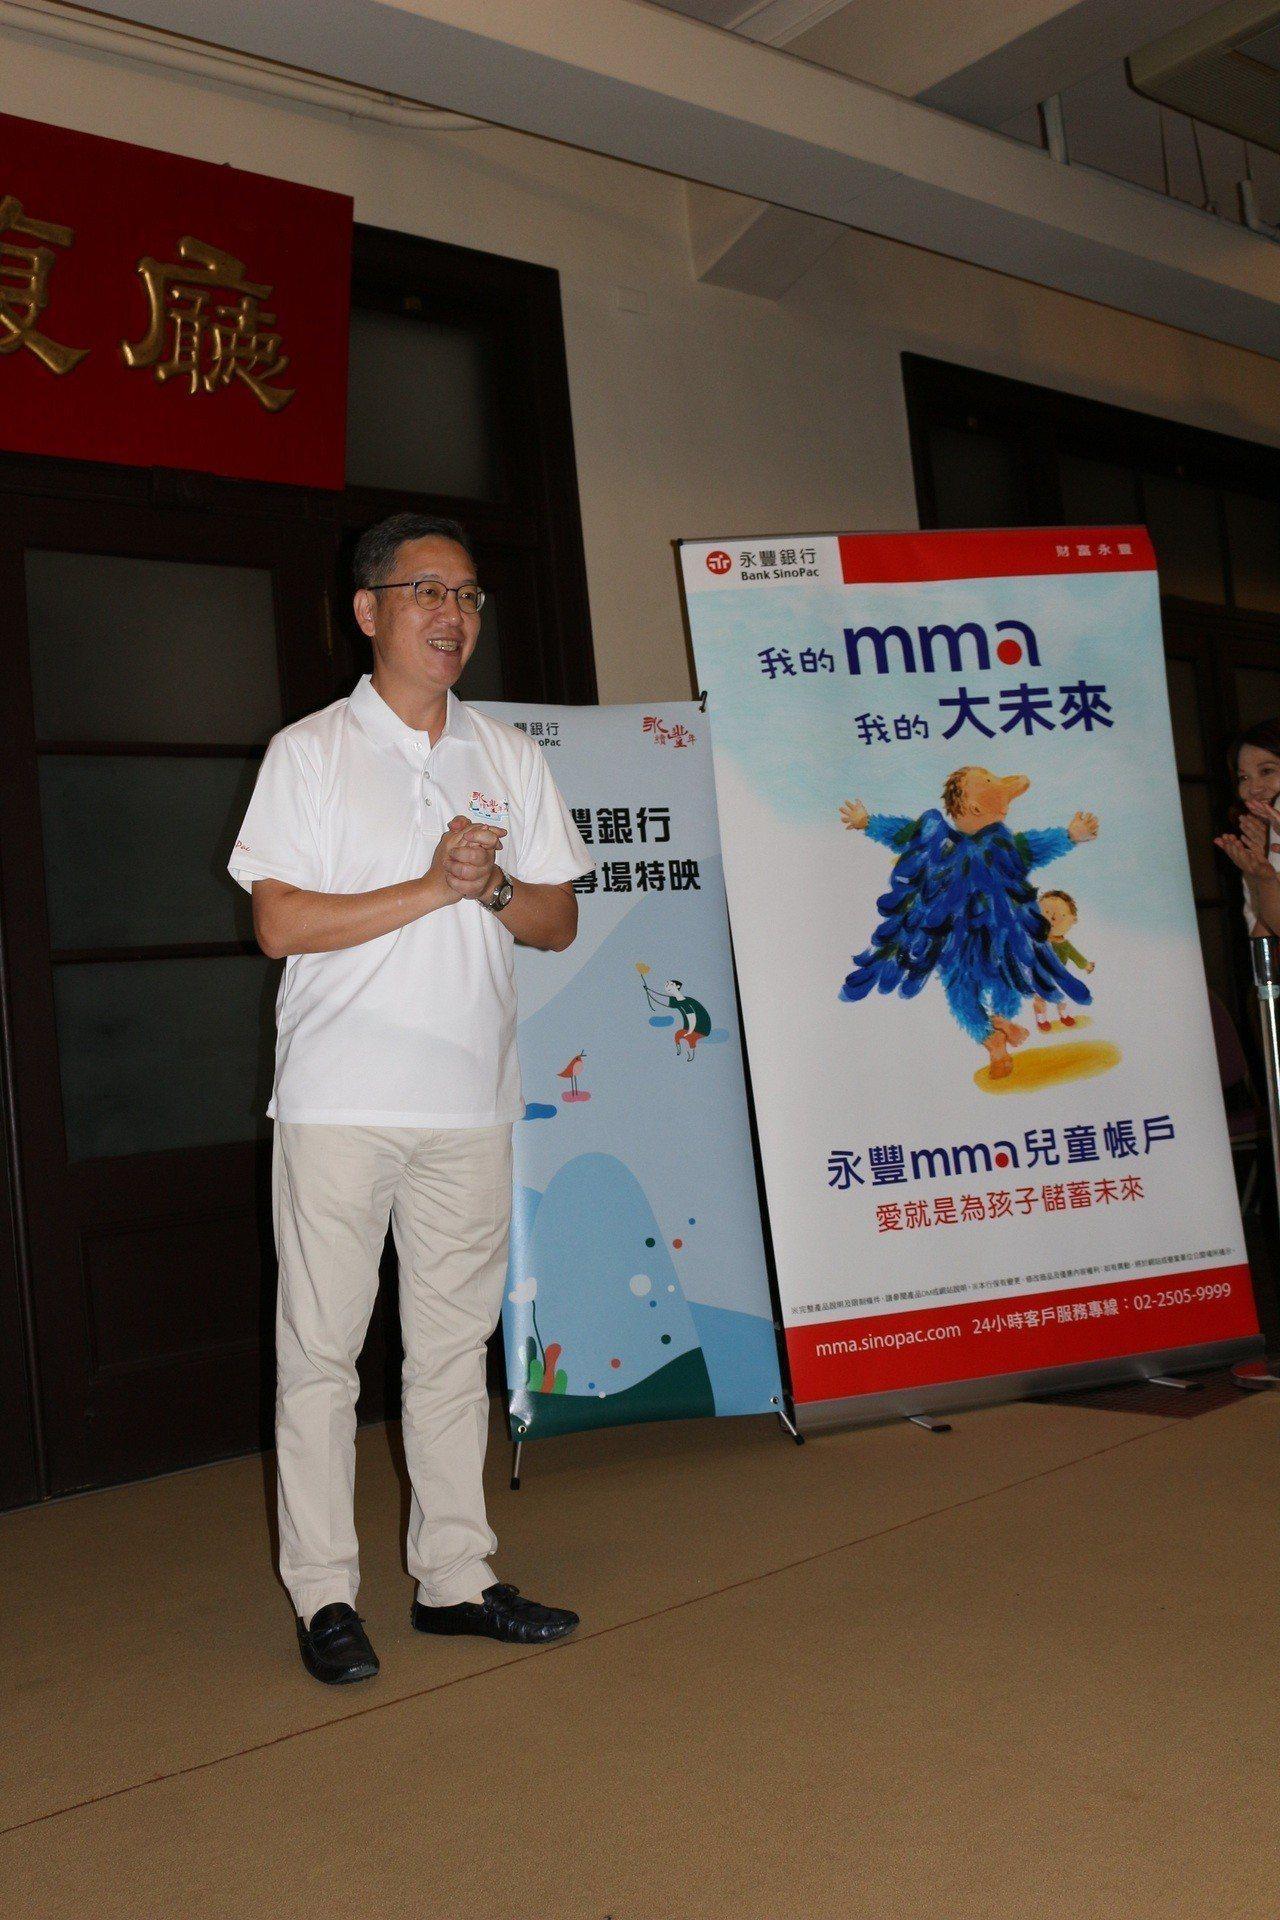 永豐銀行連續11年贊助台北兒童藝術節,與孩子分享生活環境與心靈財富都很富足的社會...